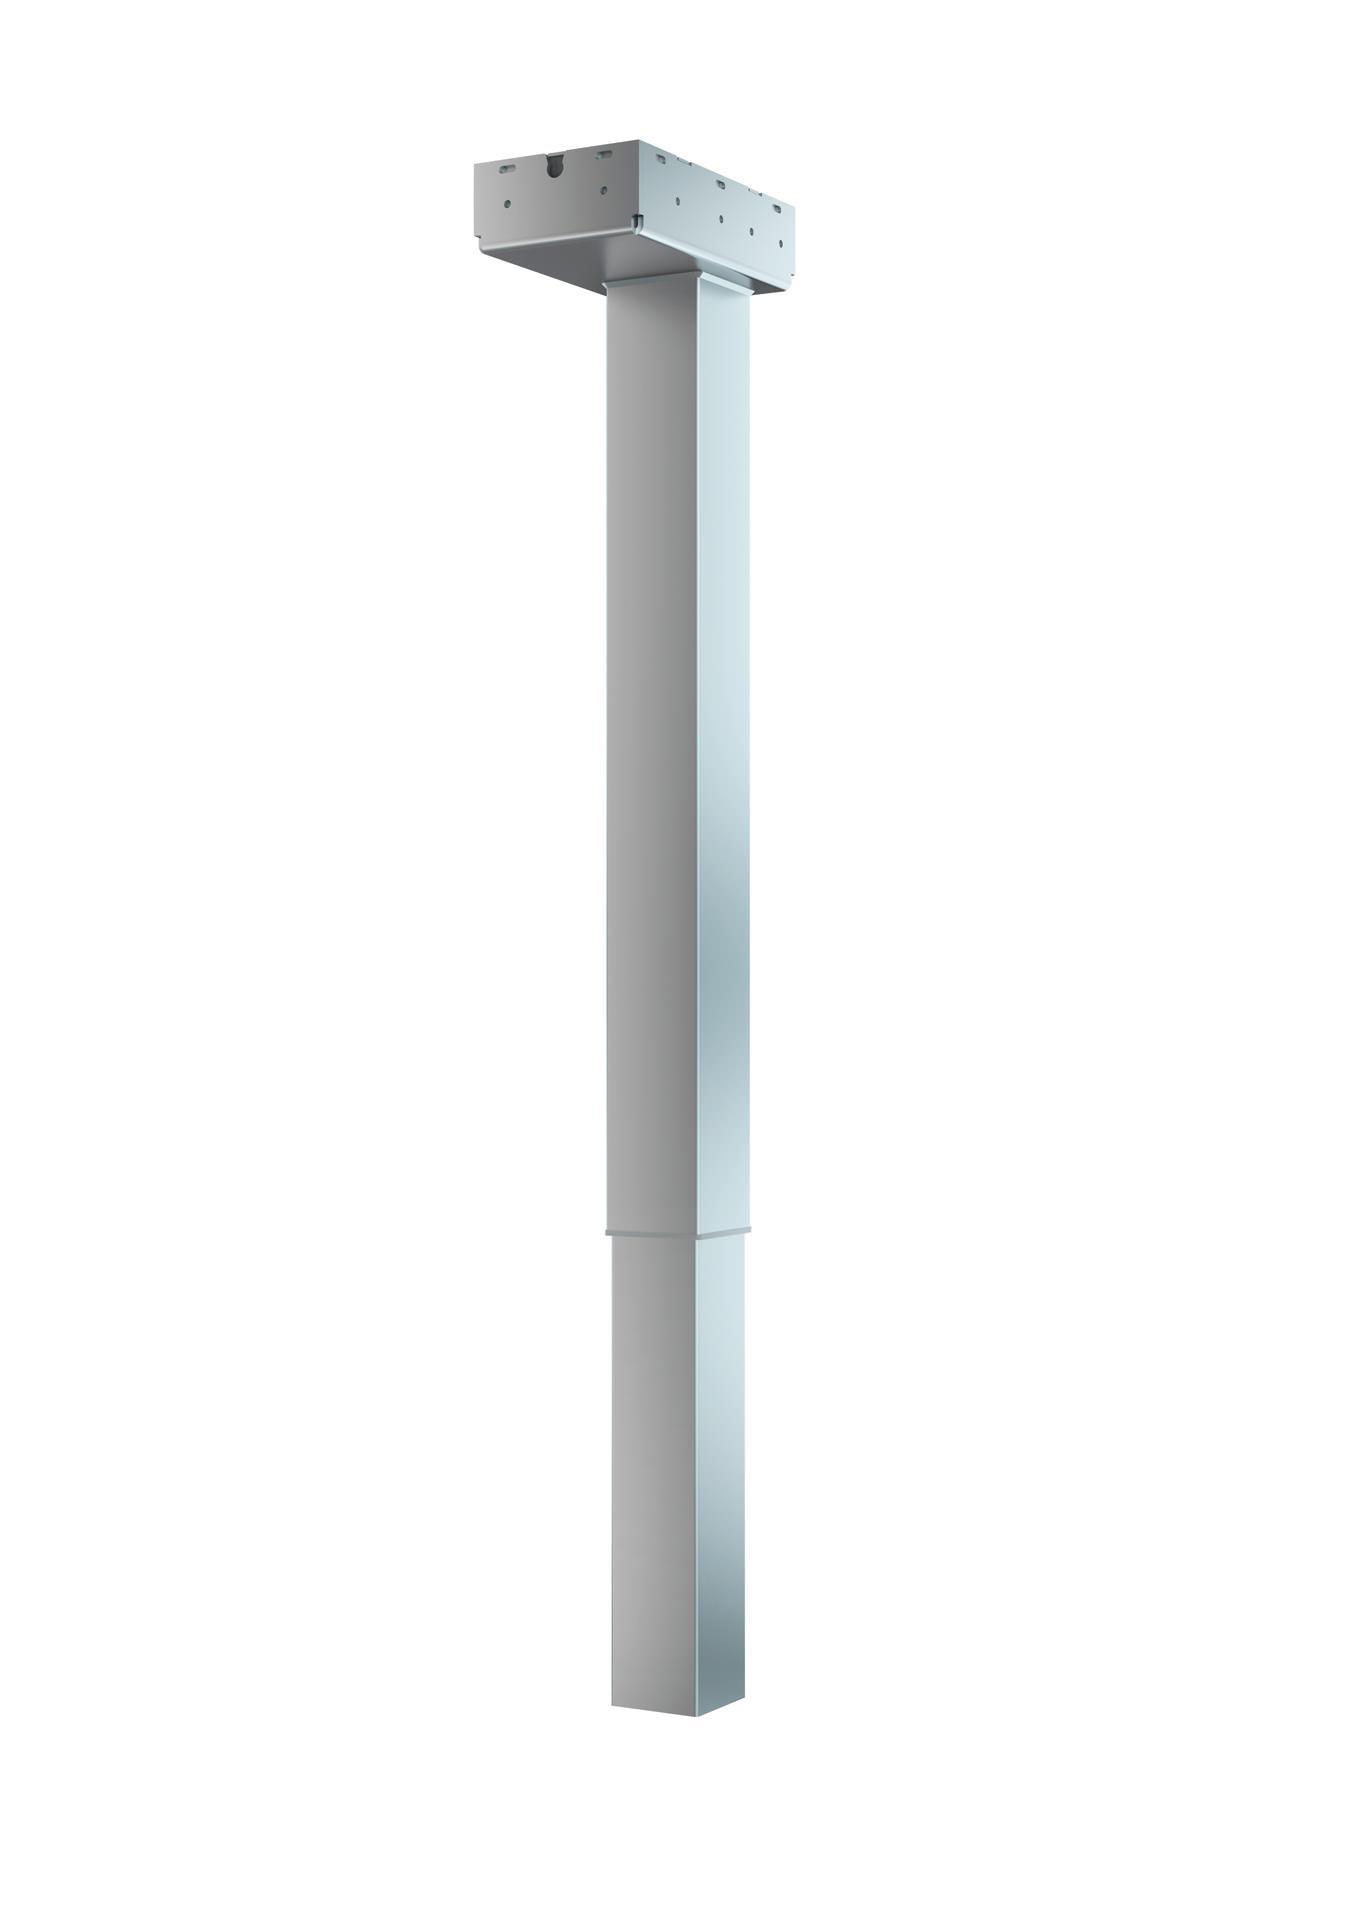 Hubsäulenbild: ELS3 HeavyDuty für hohe Lasten